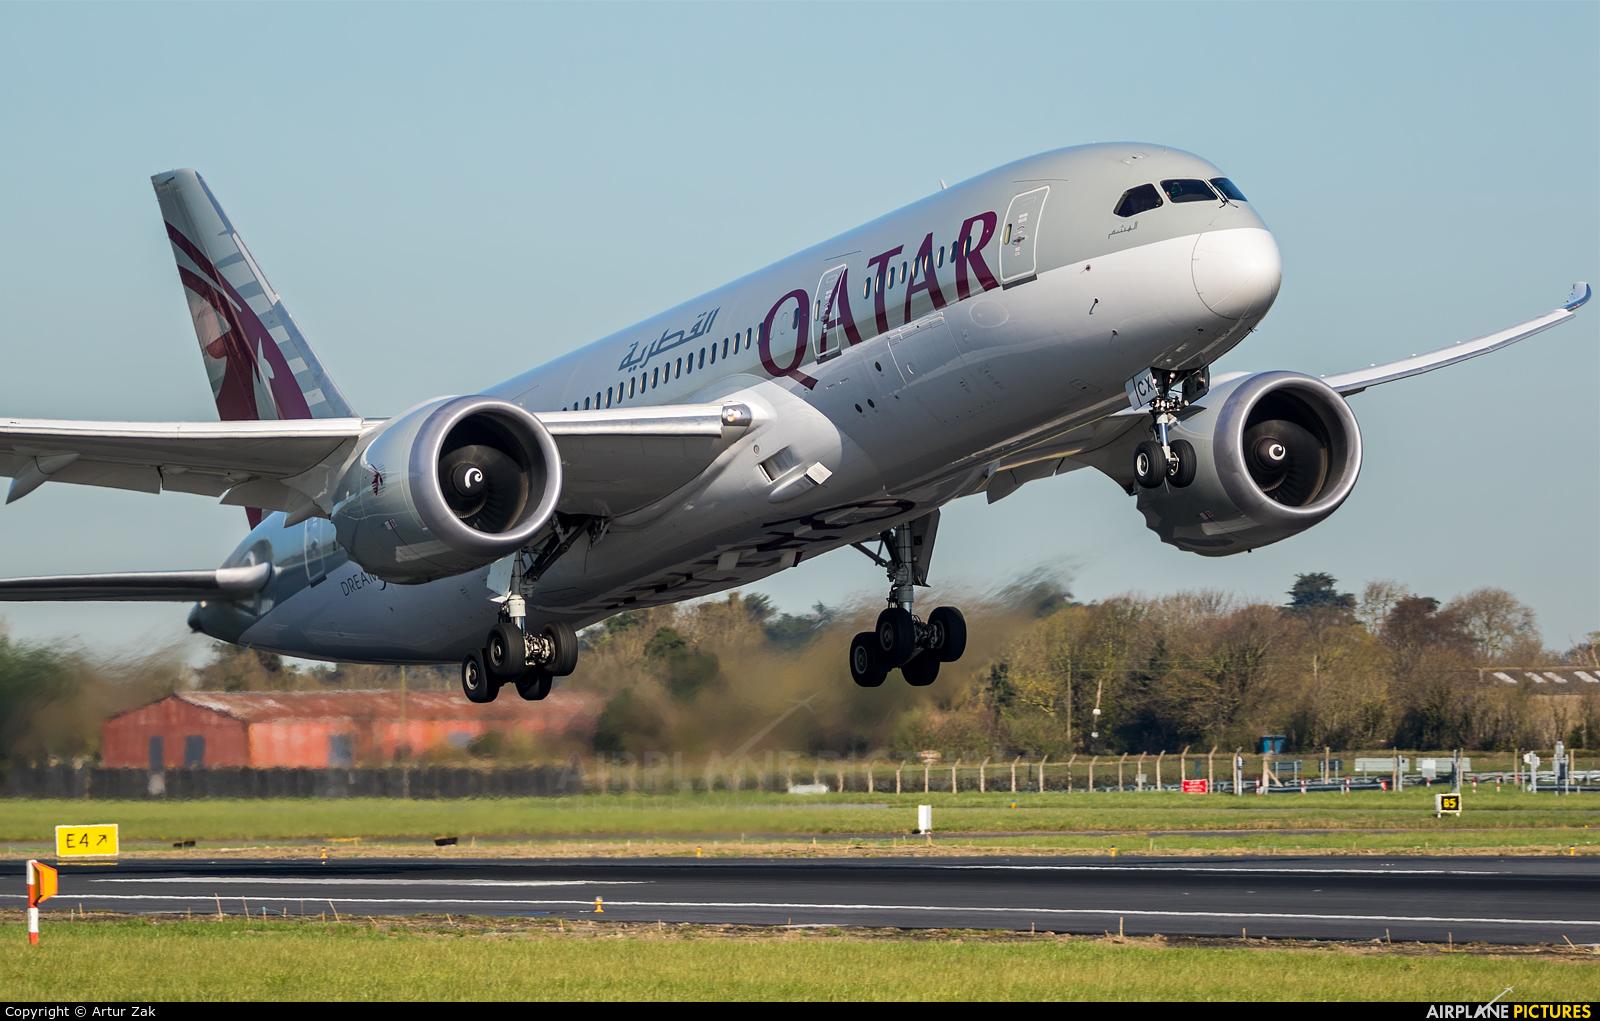 Qatar Airways A7-BCX aircraft at Dublin